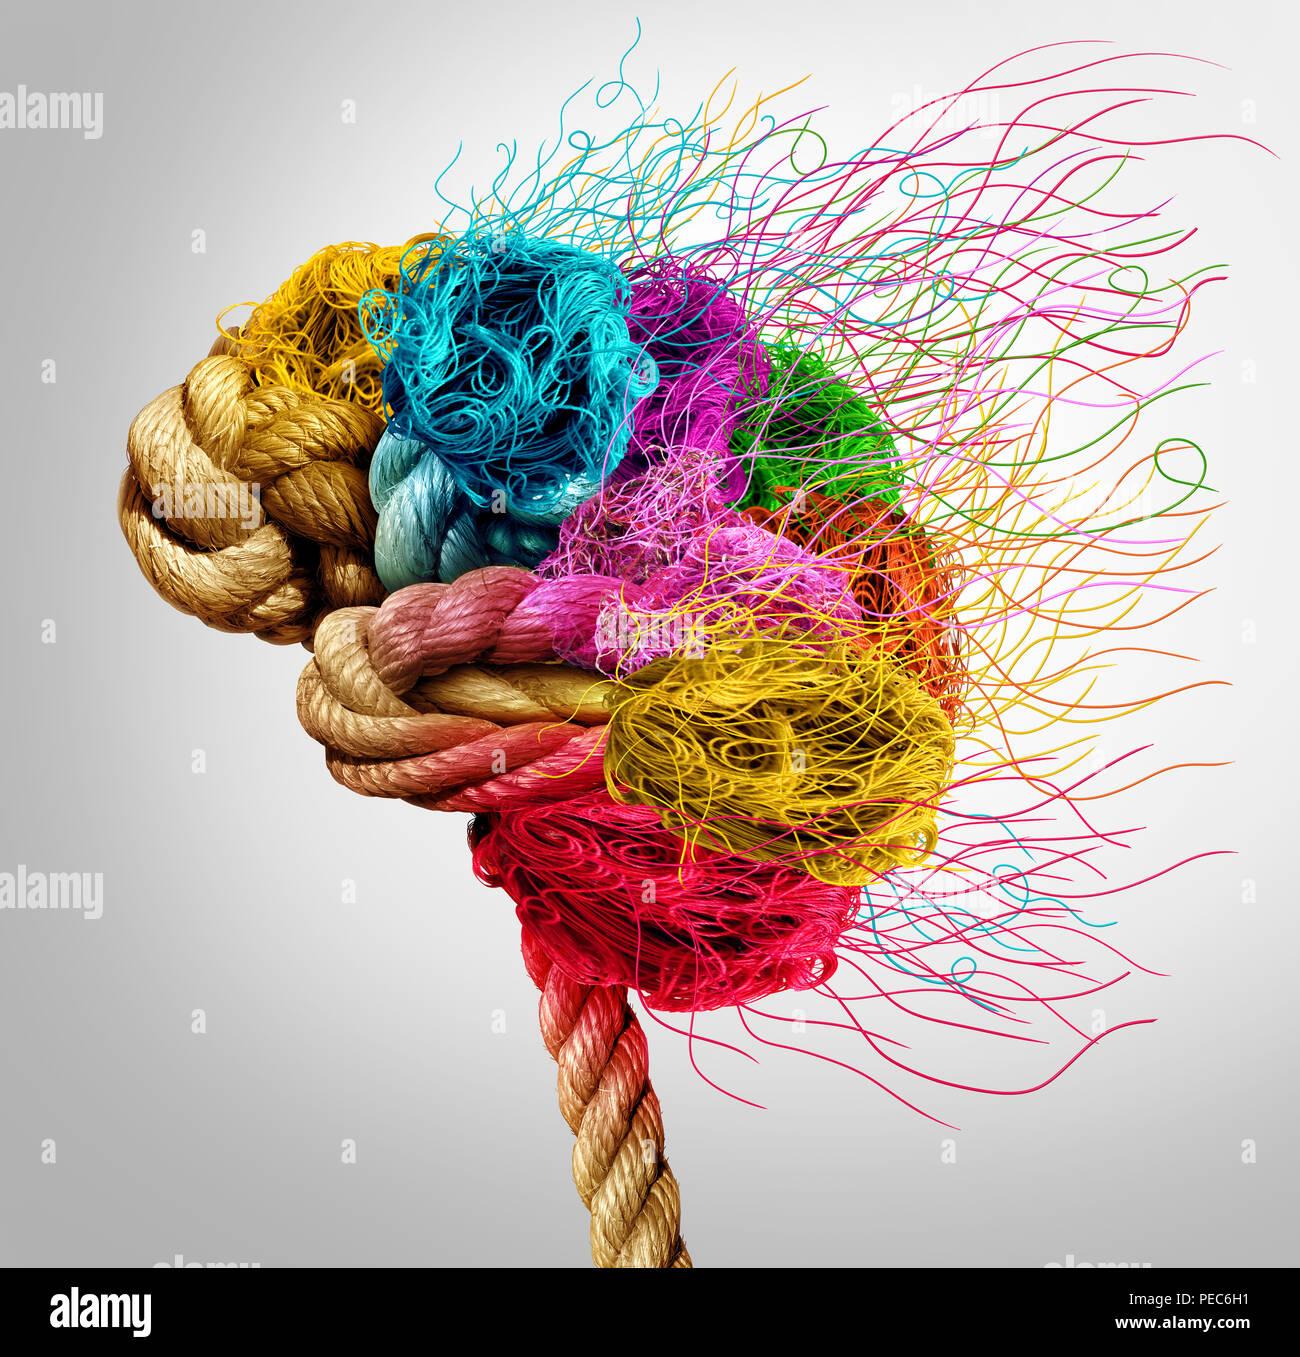 Lluvia de ideas y concepto de Brainstorm o psicología símbolo como una creativa mente humana hecha de cuerda y el hilo de una ilustración 3D de estilo. Imagen De Stock